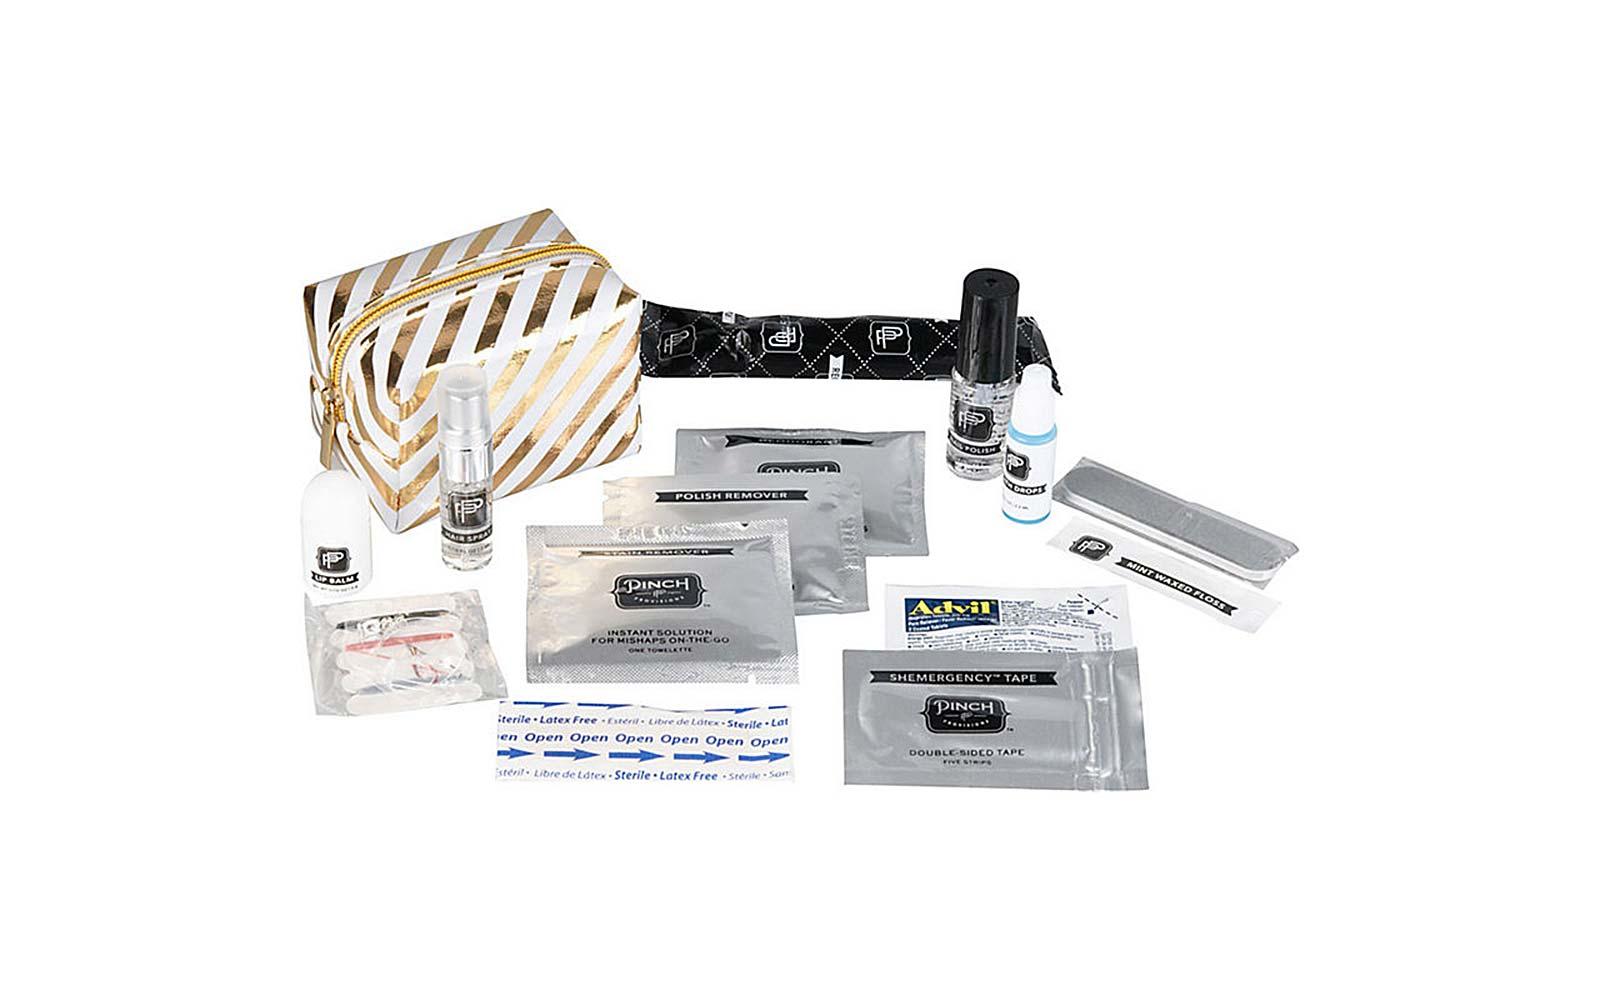 Minimergency Kit Gift Guide Under $25